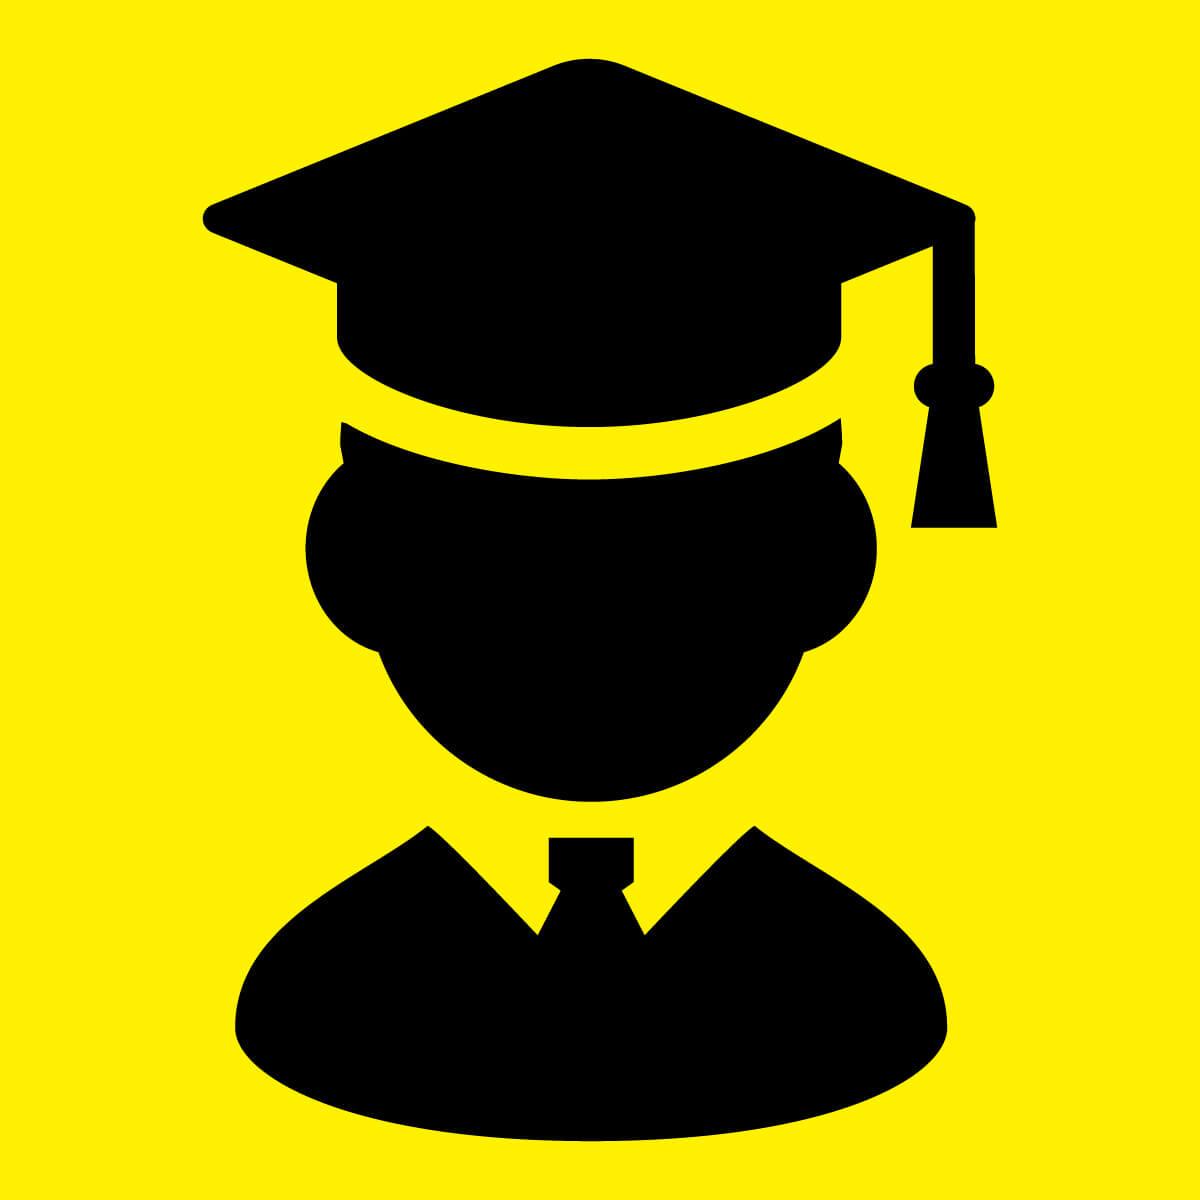 千葉大学が留学を必修に!!時間・金銭的負担増で卒業できない生徒が続出!?のアイキャッチ